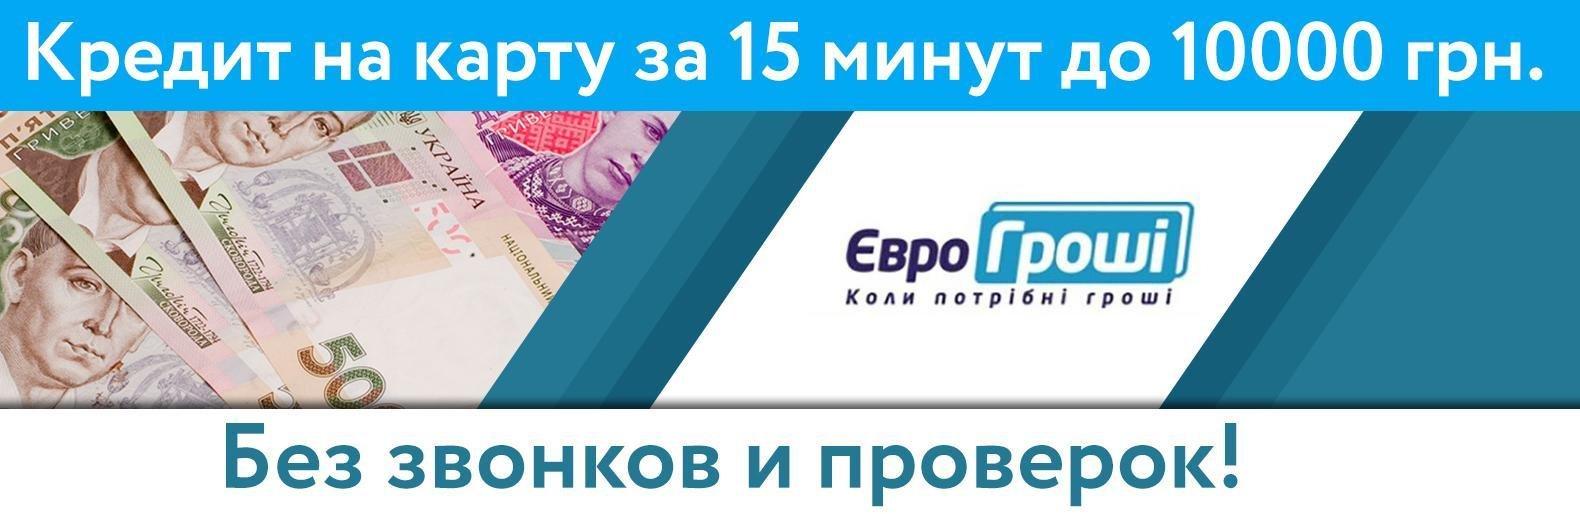 кредит онлайн на карту без звонков vam-groshi.com.ua мтбанк кредиты на потребительские нужды без справок